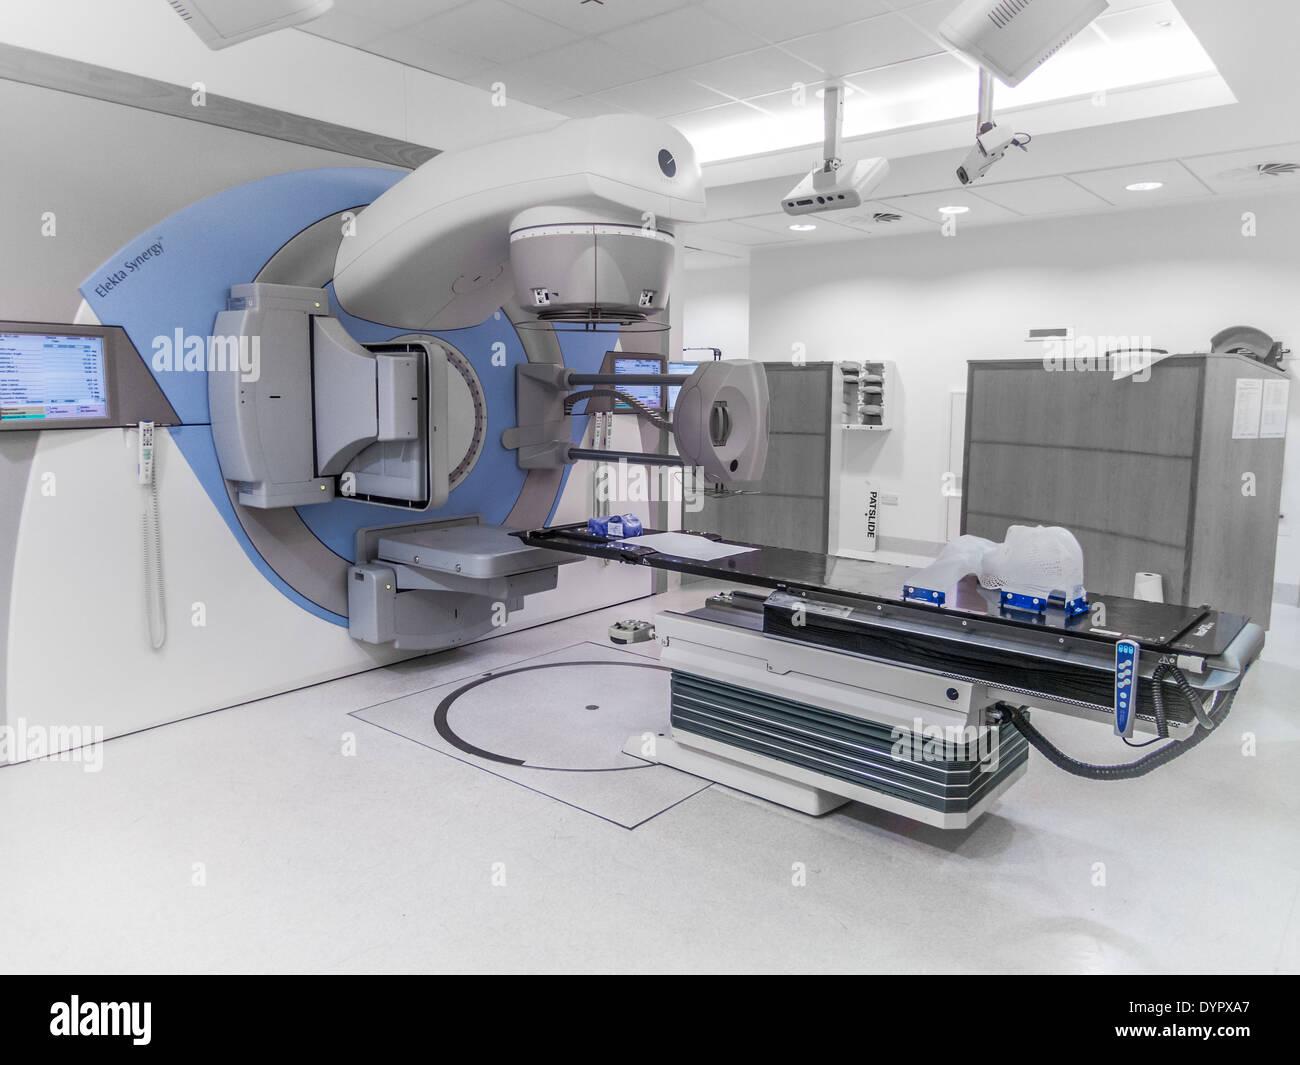 Macchina Radiotheraphy per trattare il cancro, REGNO UNITO Immagini Stock